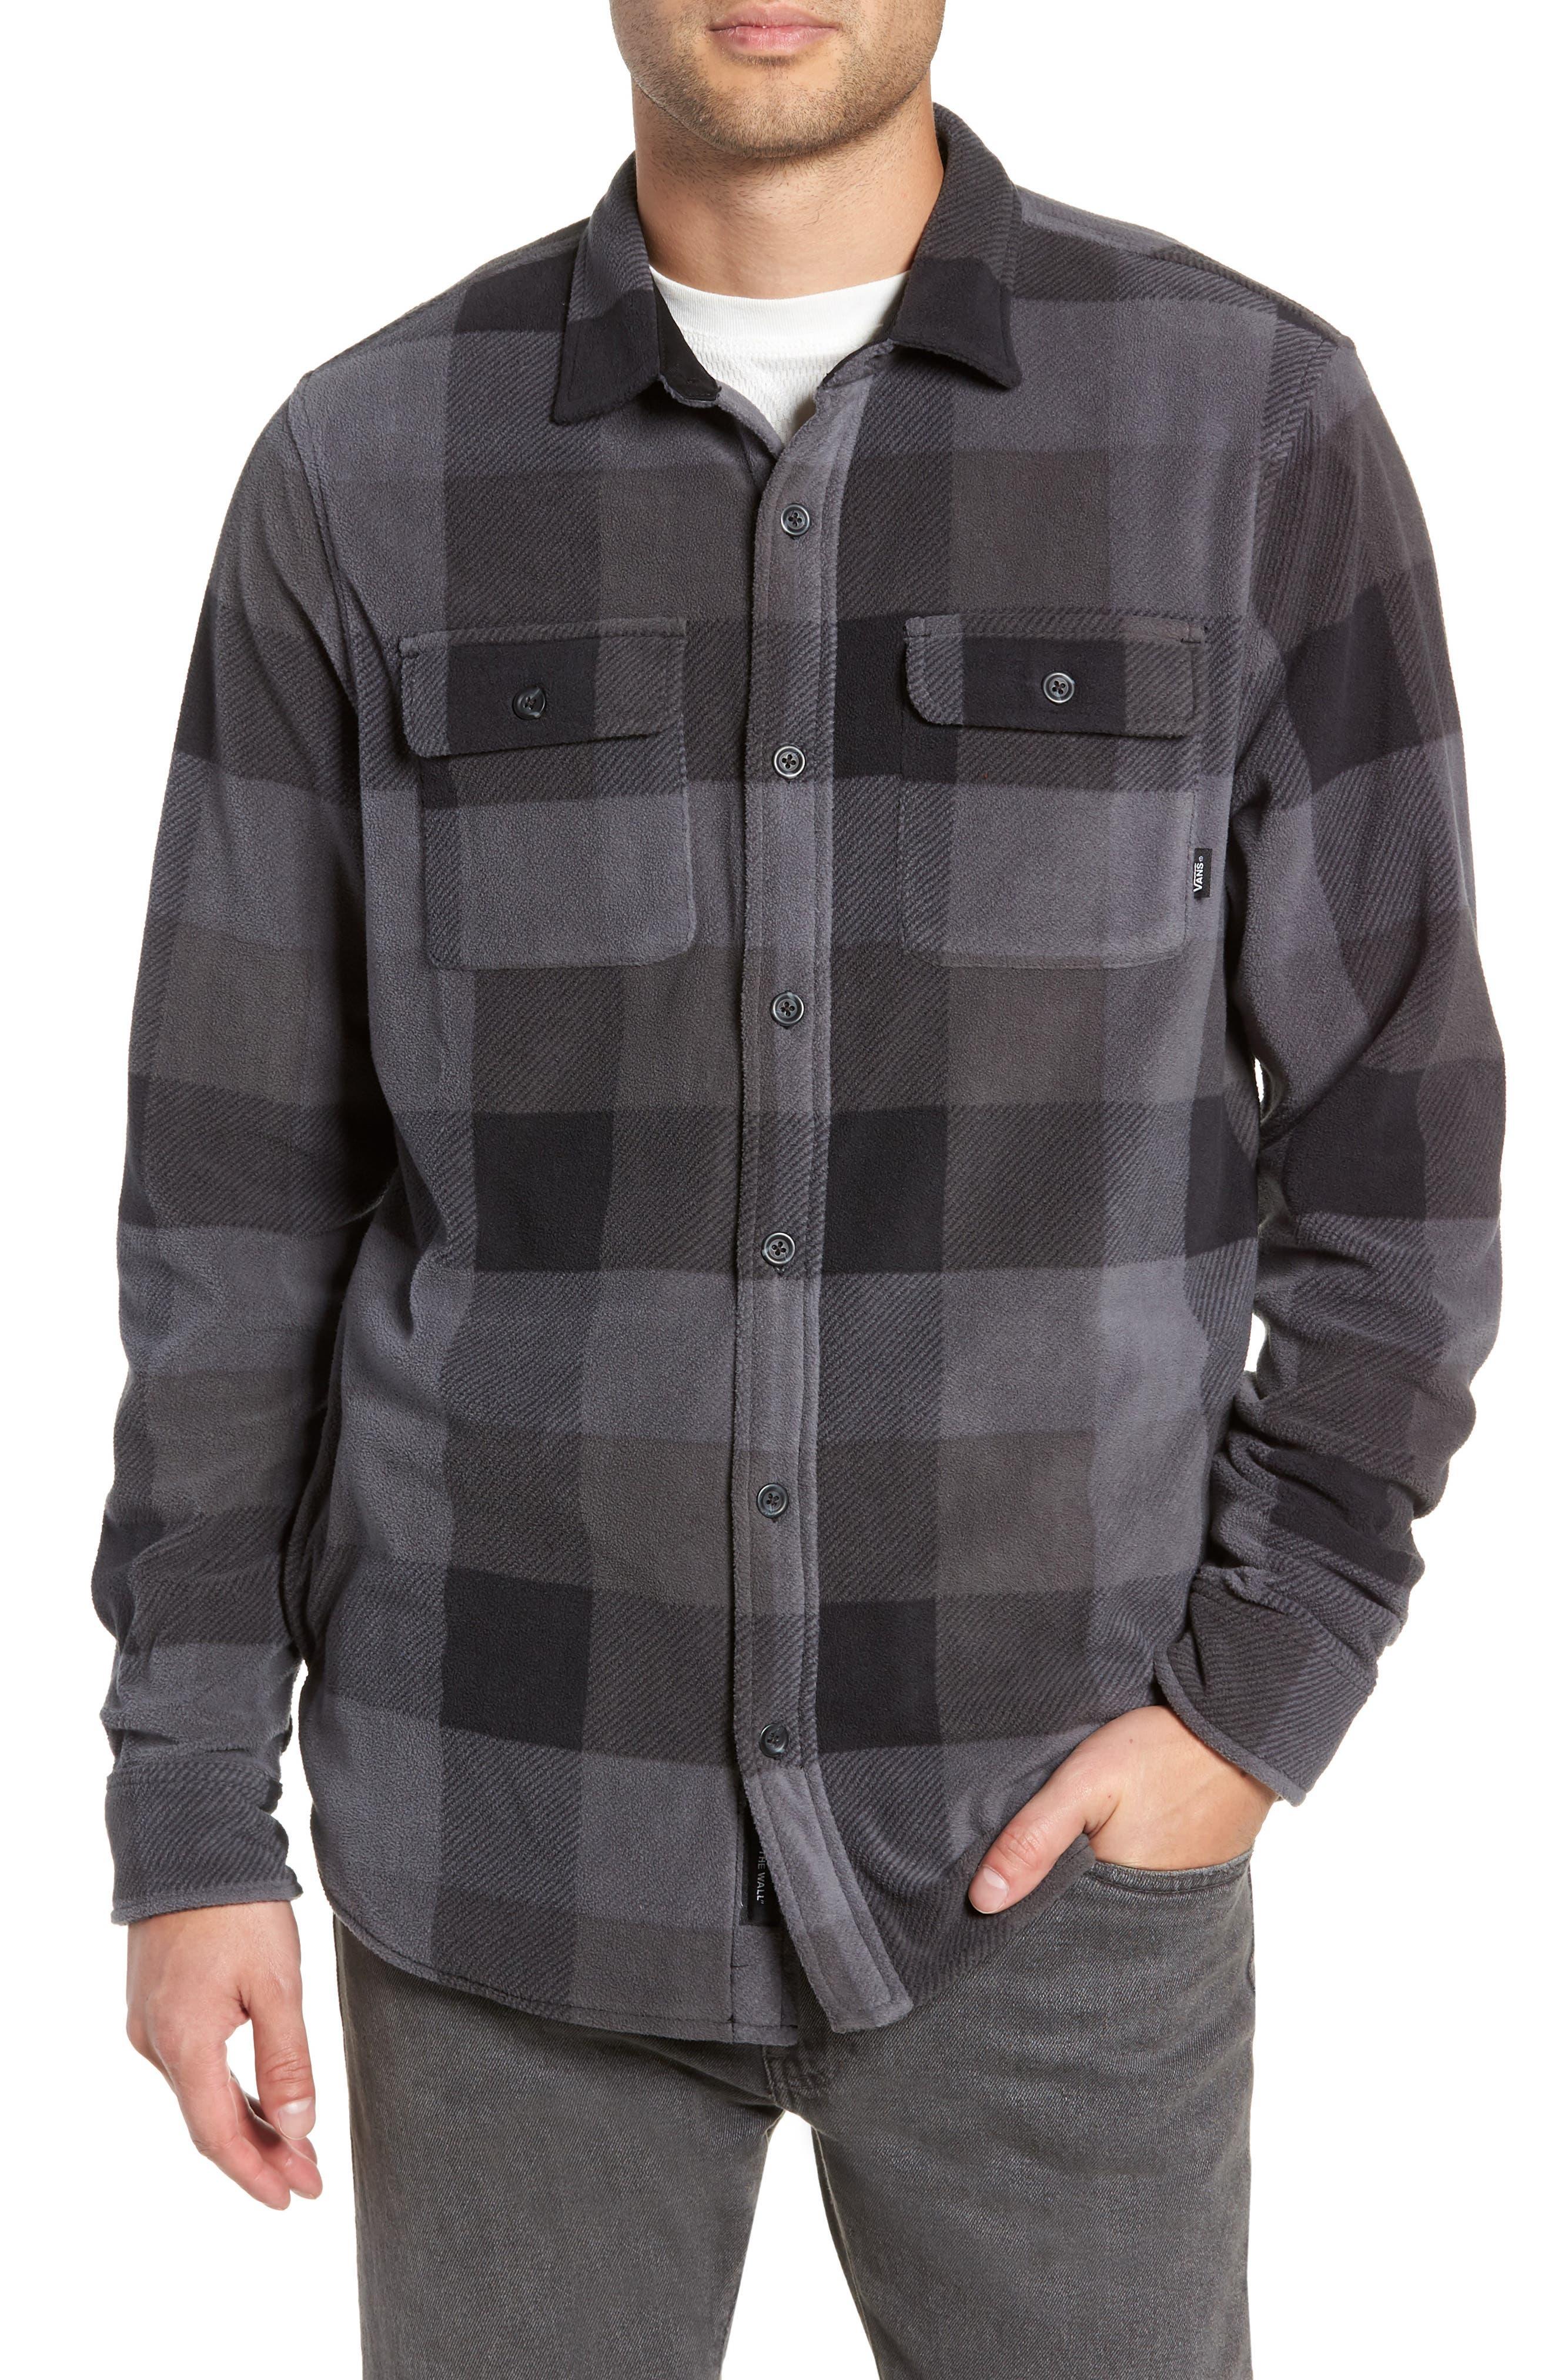 Vans Hillcrest Polar Fleece Shirt Jacket, Black